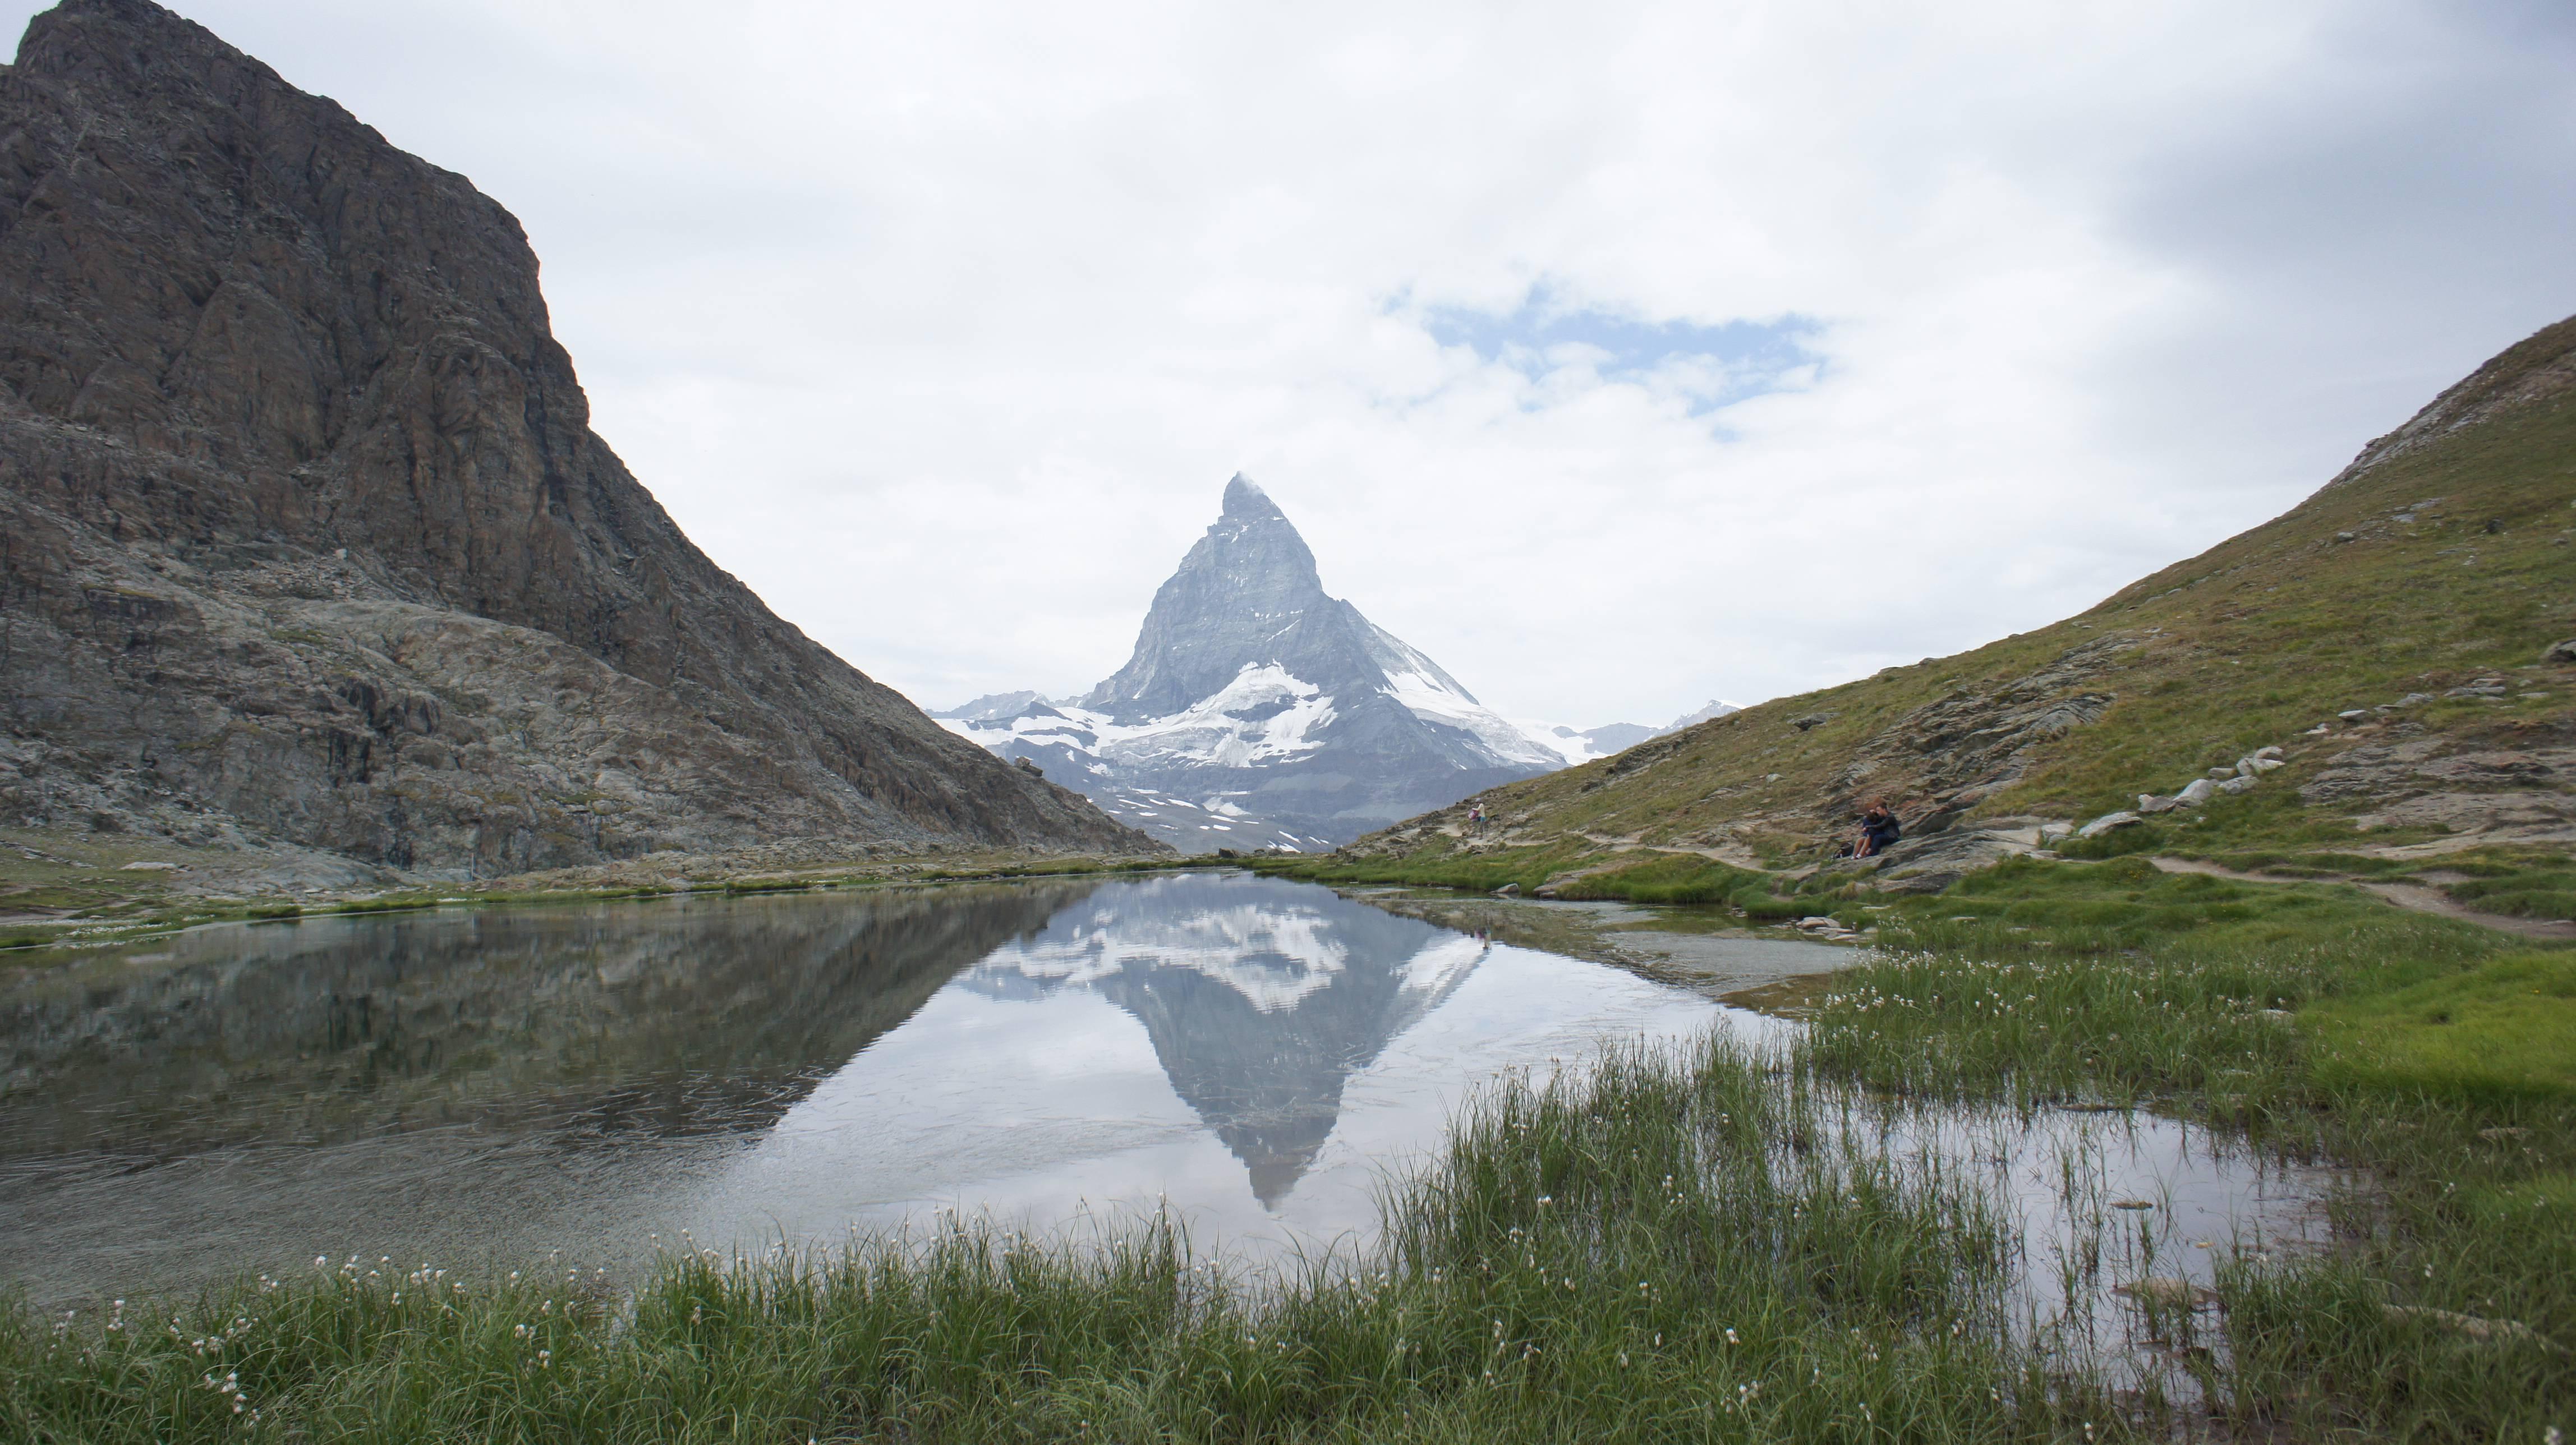 Photo 2: Gornergrat - vue sur le Cervin/Cervino/Matterhorn (4478m)